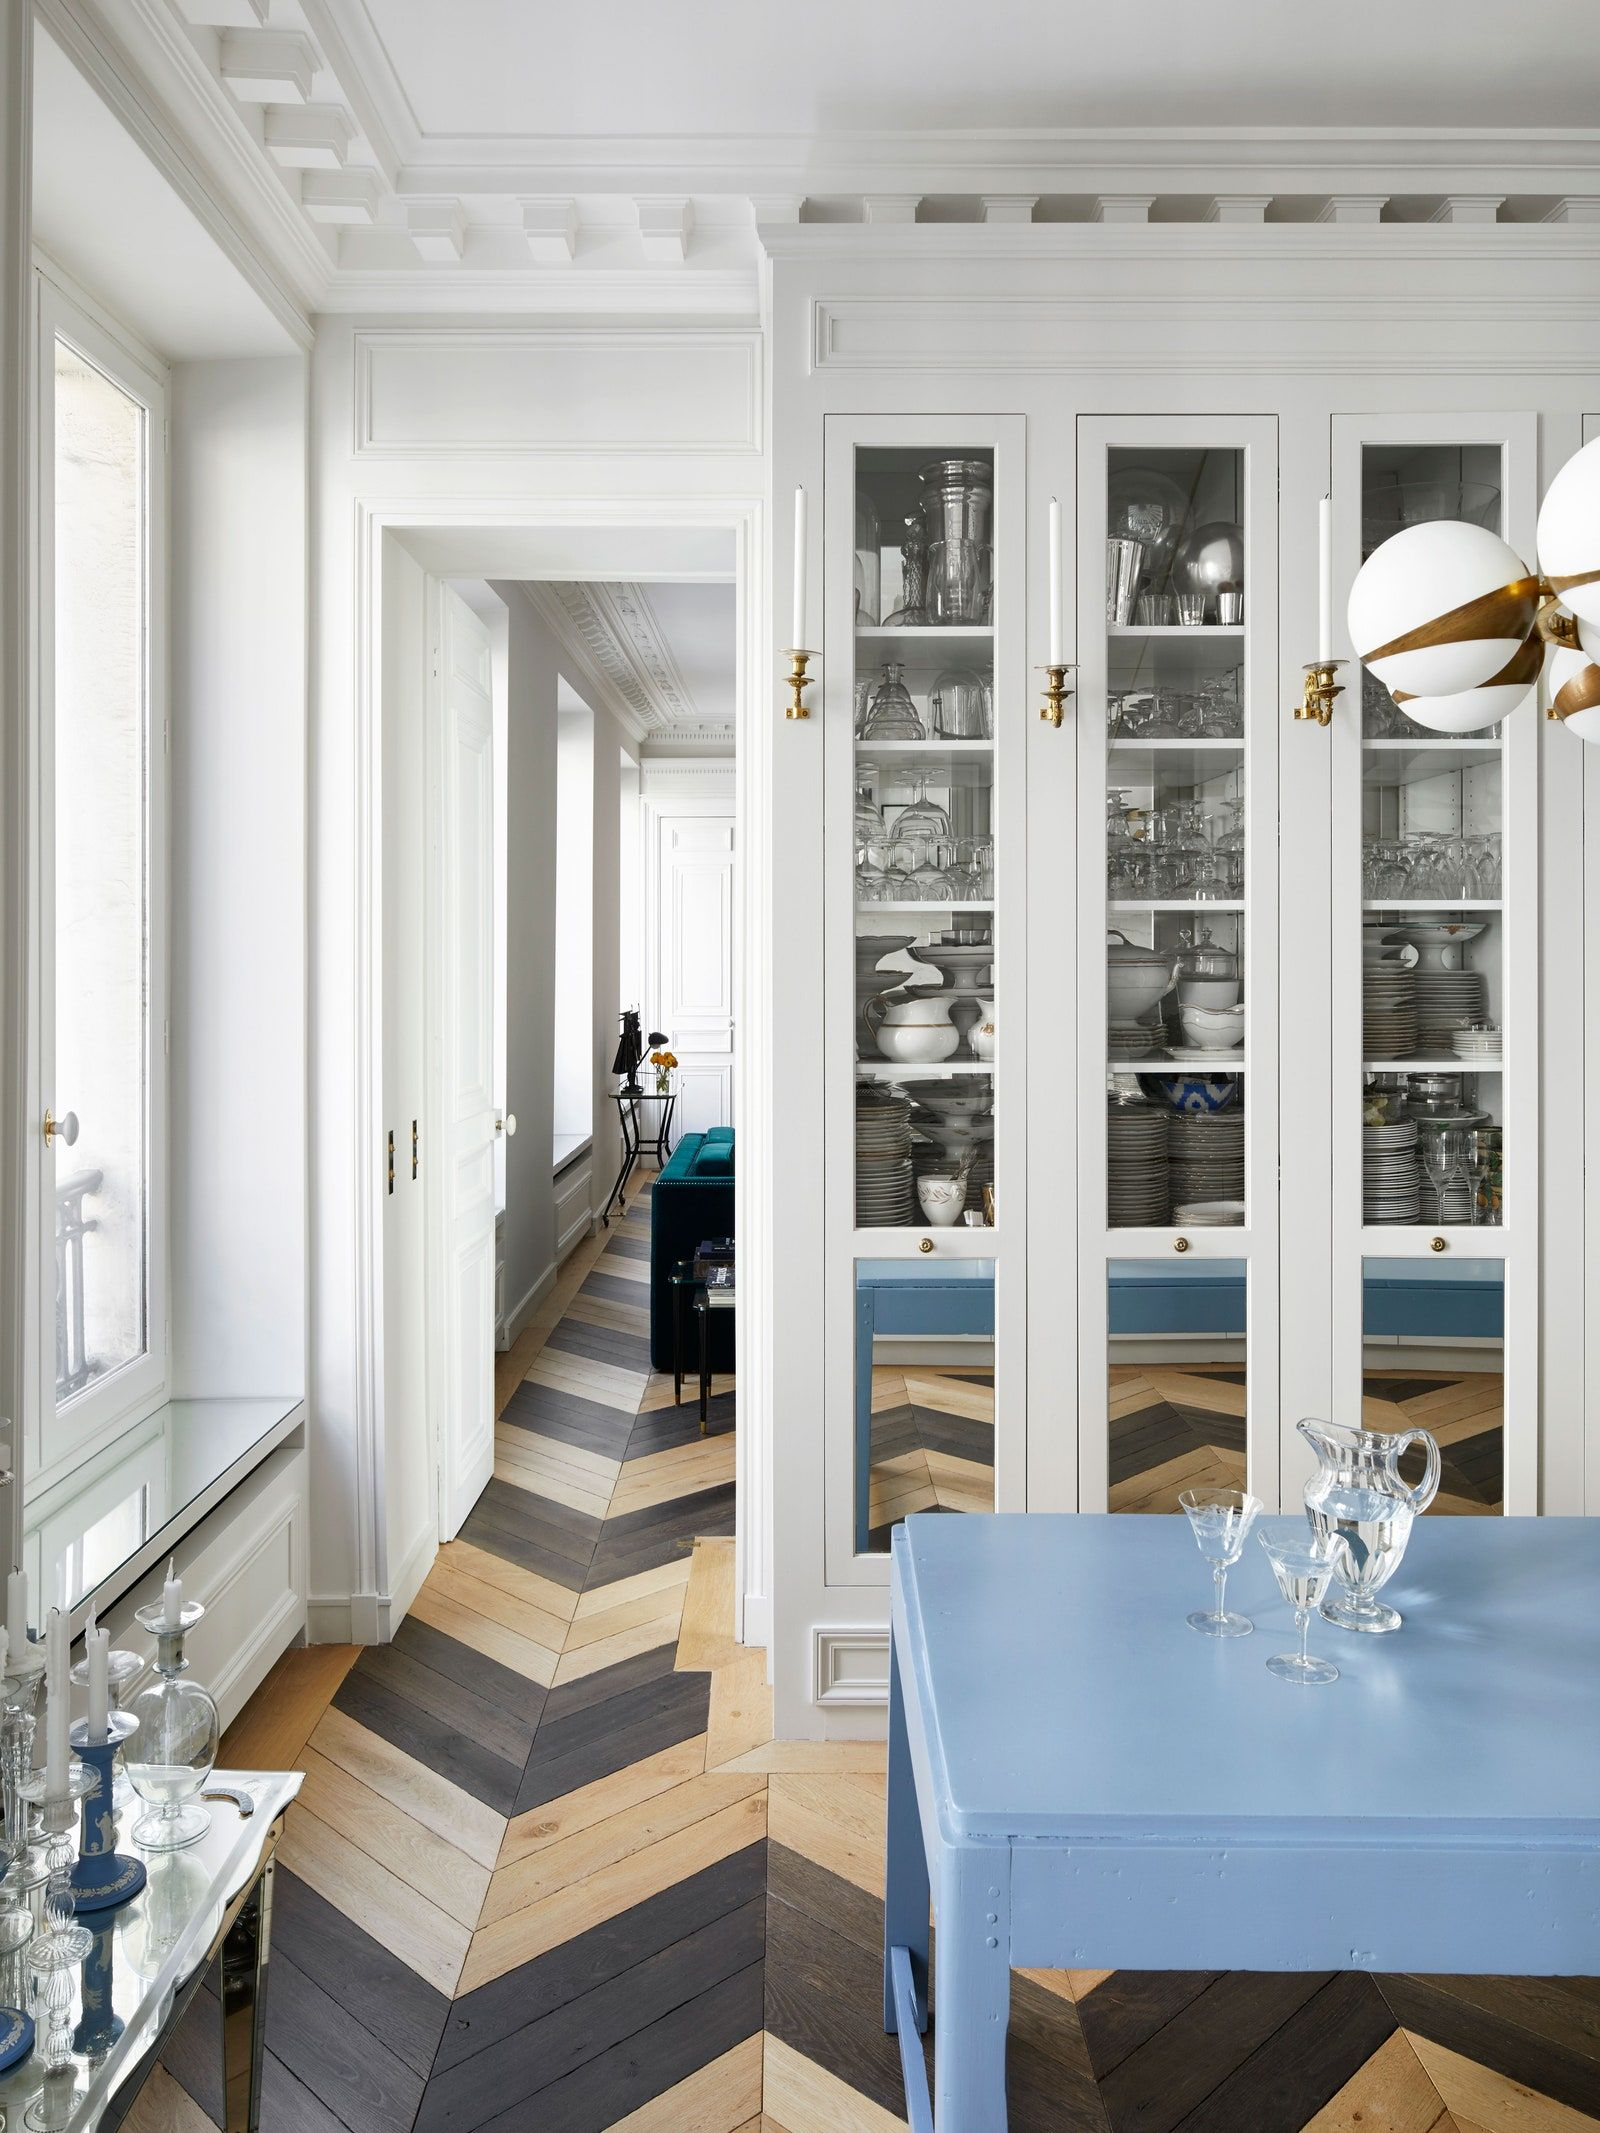 Fashion Designer Alexis Mabille S Paris Apartment Is A Romantic S Dream In 2020 Parisian Apartment Decor Parisian Kitchen Paris Apartments